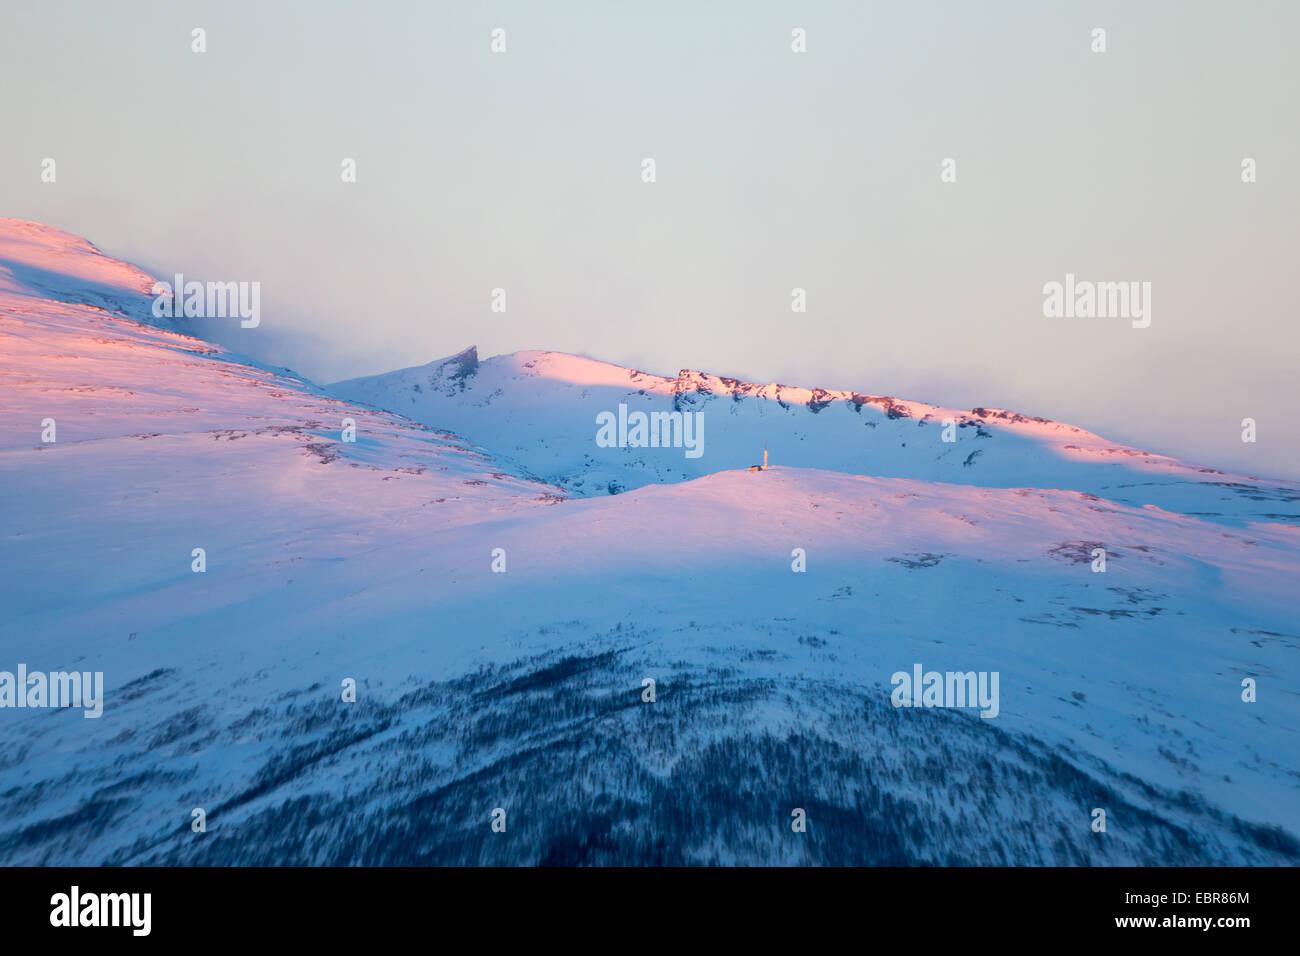 El viento en el monte de Lille Blamannen, Noruega Troms, Tromsoe Imagen De Stock